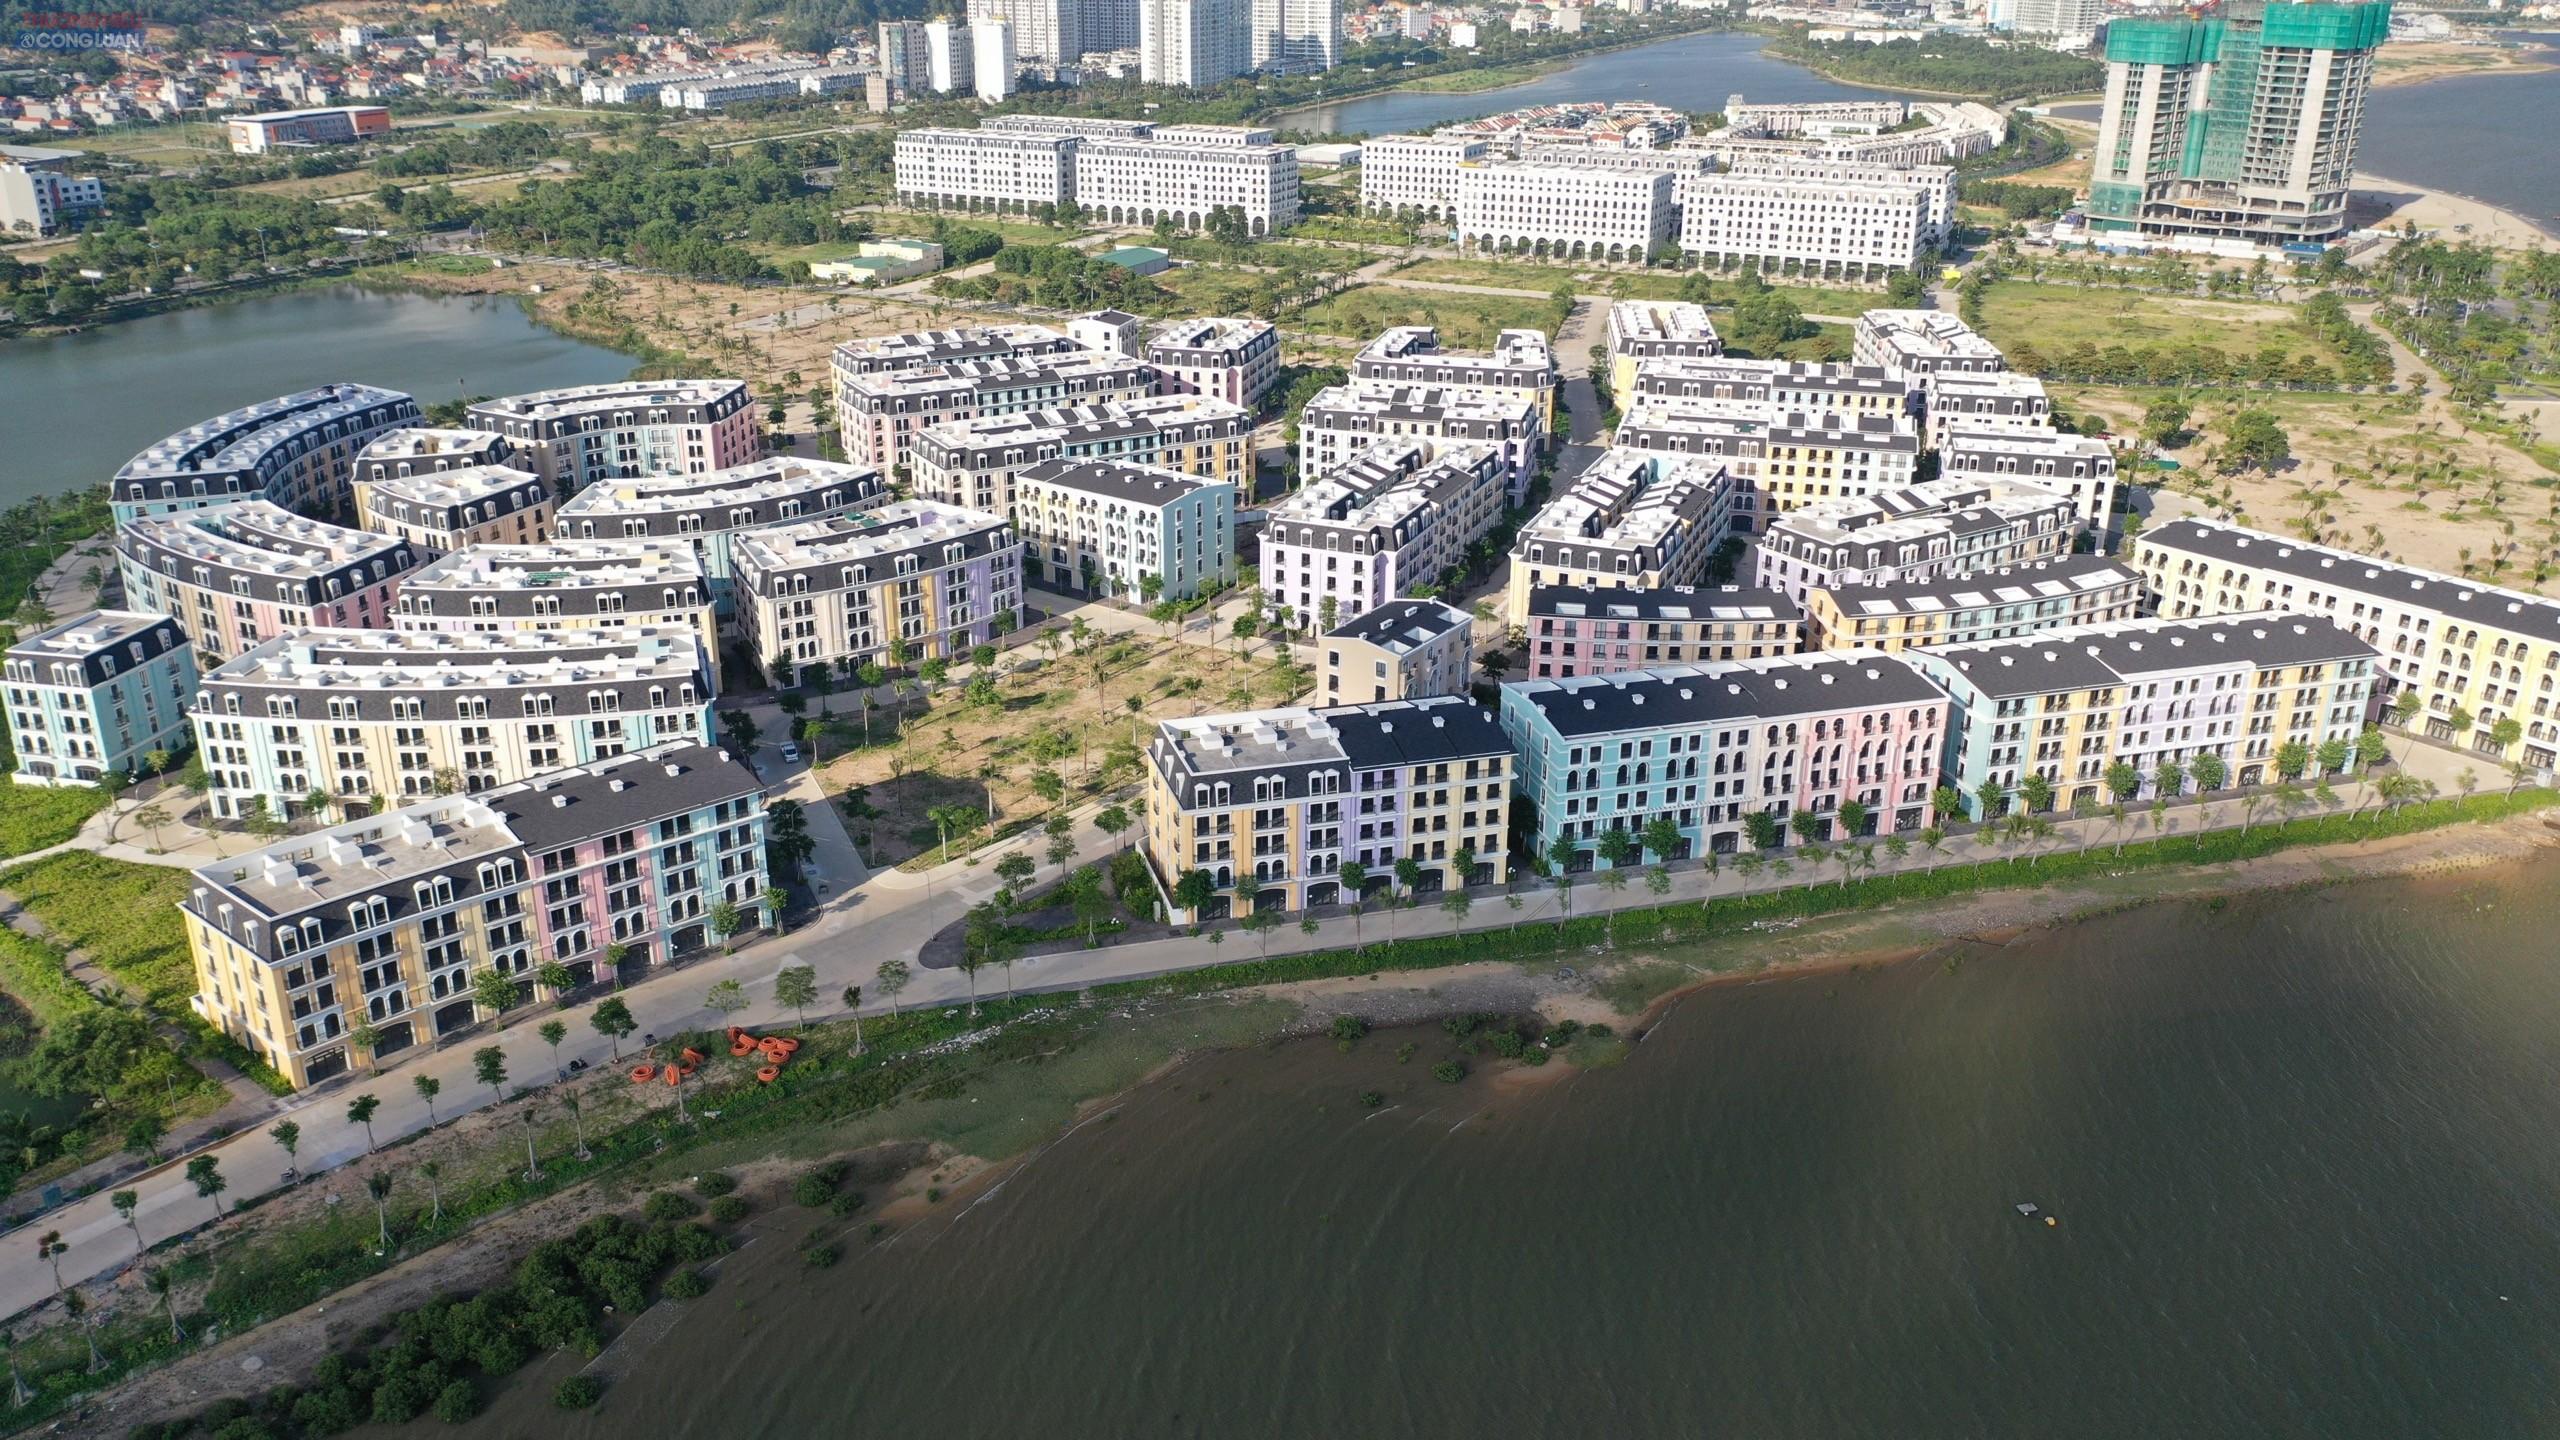 không hiểu lý do gì UBND tỉnh Quảng Ninh lại nâng tổng quy mô đầu tư dự án lên 375 căn liên kế (chênh 53 căn nhà liên kế so với giấy phép xây dựng do phòng quản lý đô thị UBND TP Hạ Long cấp phép).